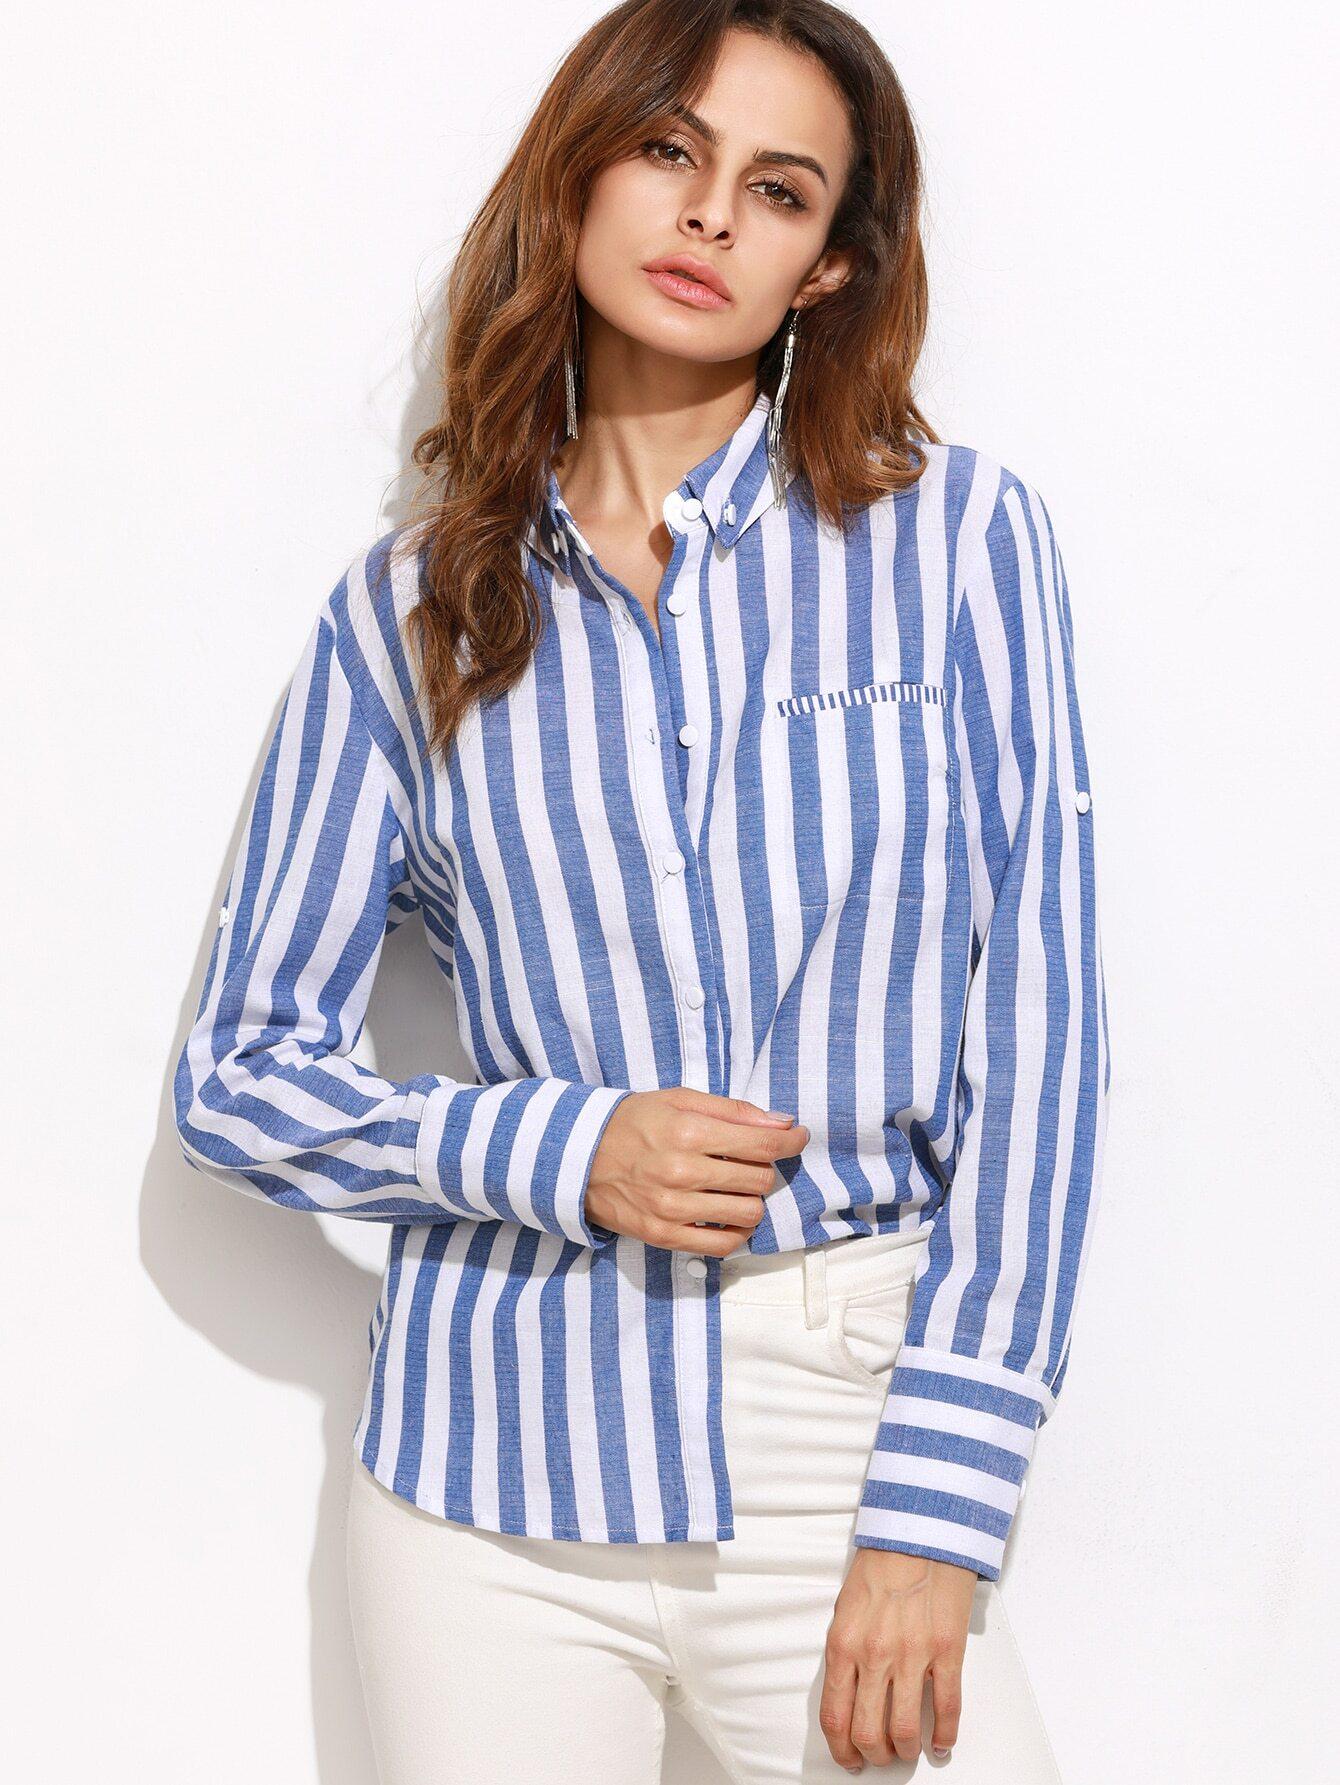 Блузку В Полоску Купить